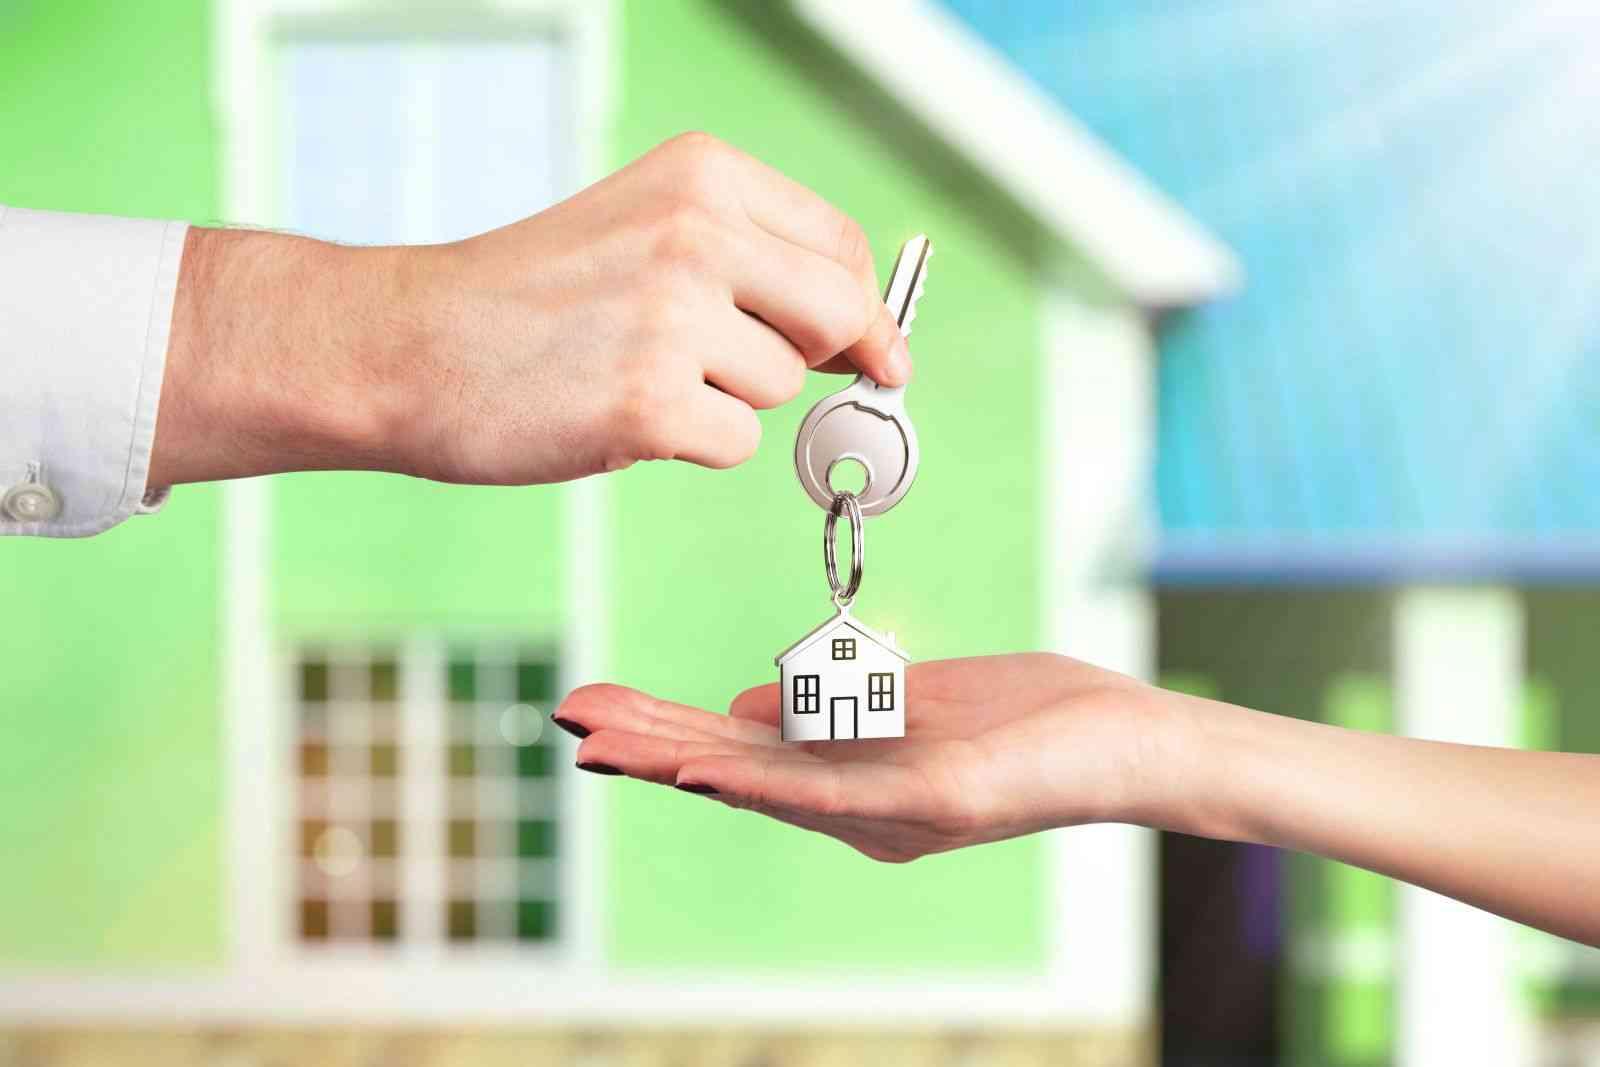 предпочтительно выбрать взять займ под залог не движимости челябинская область лечение, профилактика